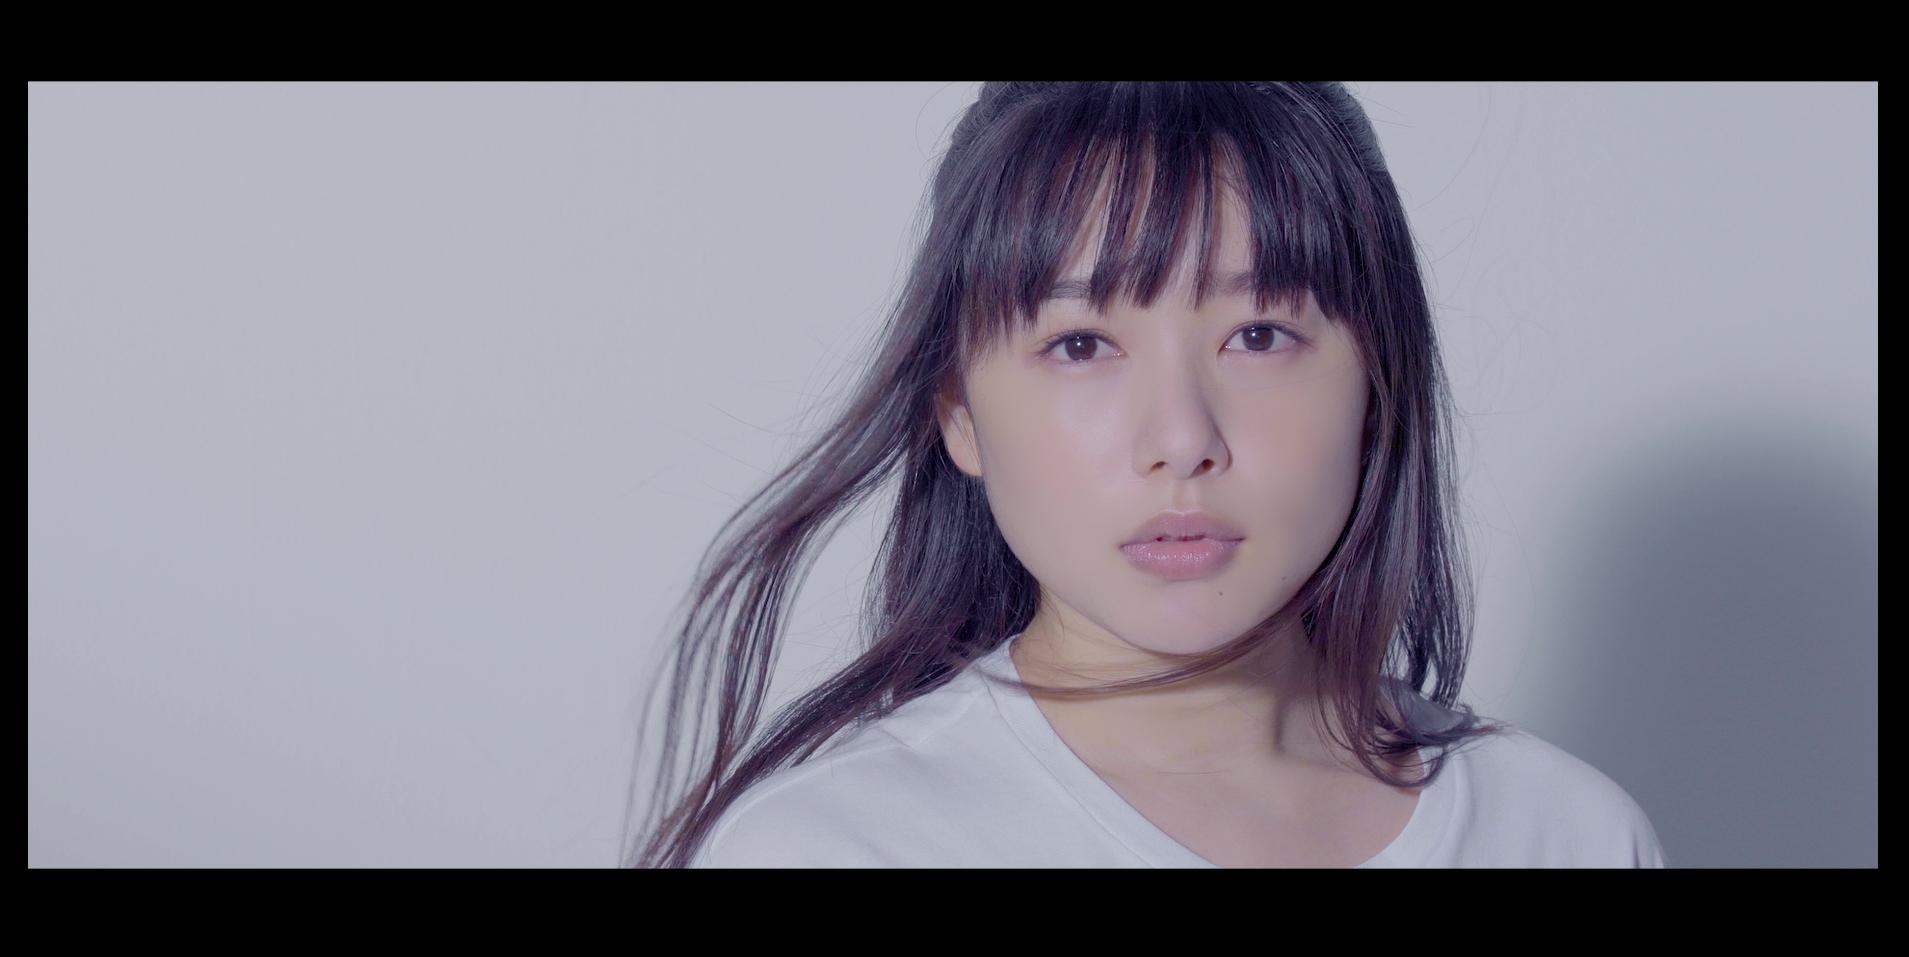 桜井日奈子・主演ドラマ『ヤヌスの鏡』(FOD)主題歌『花と毒薬』MV